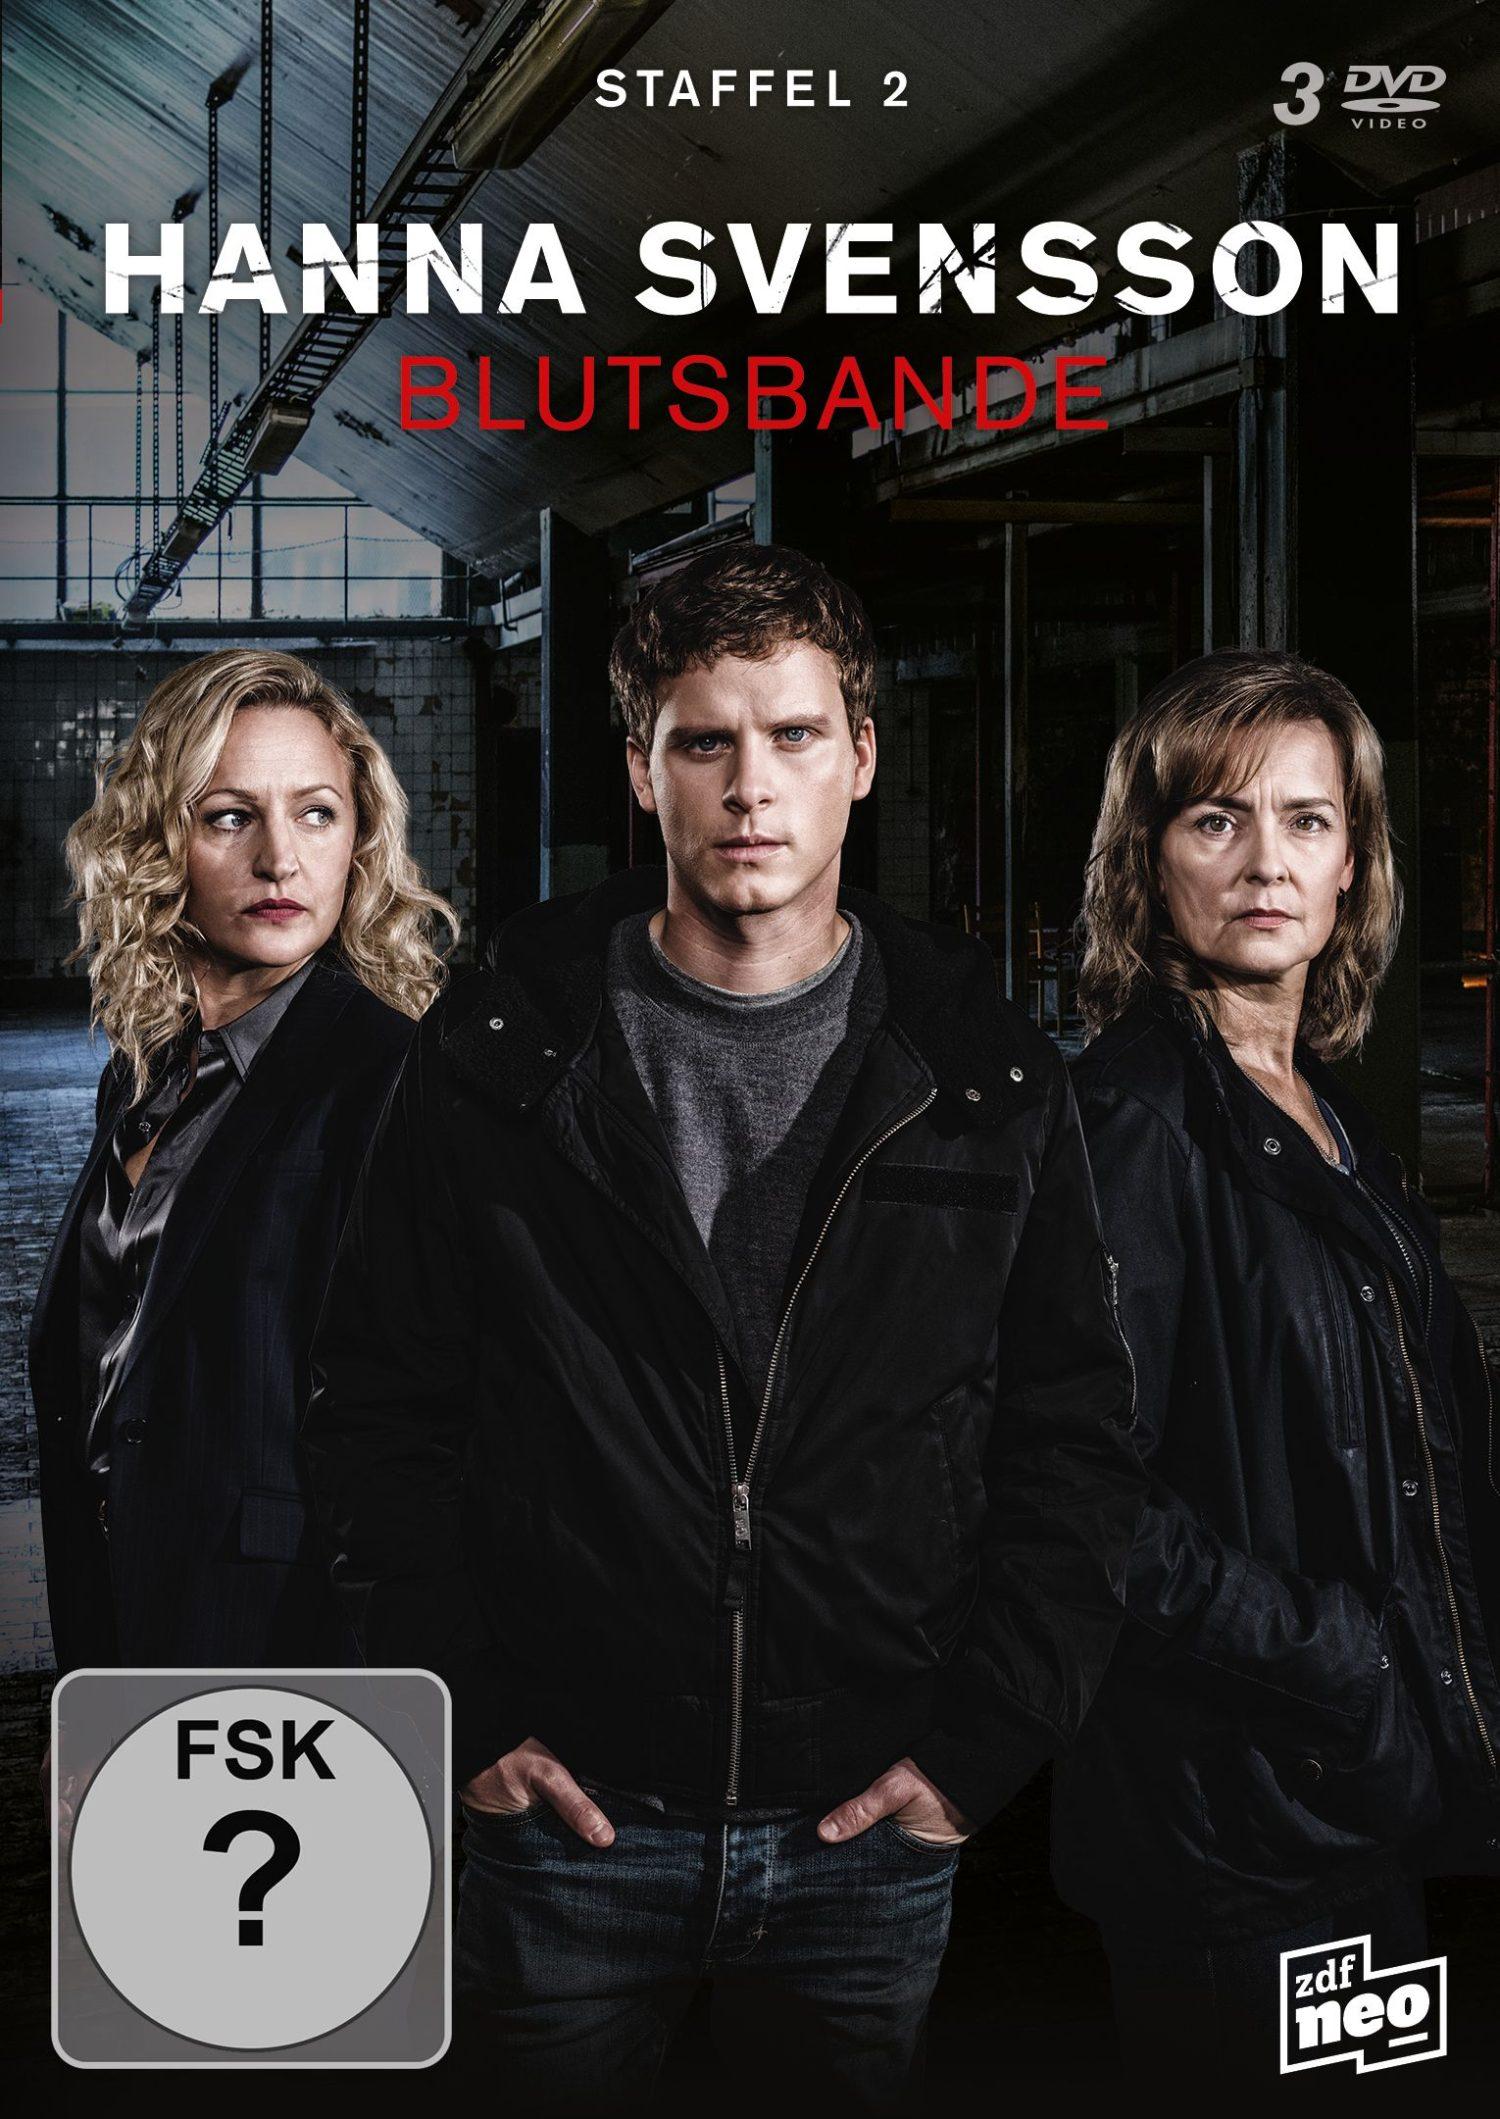 Vorab-DVD-Cover Hanna Svensson - Blutsbande 2